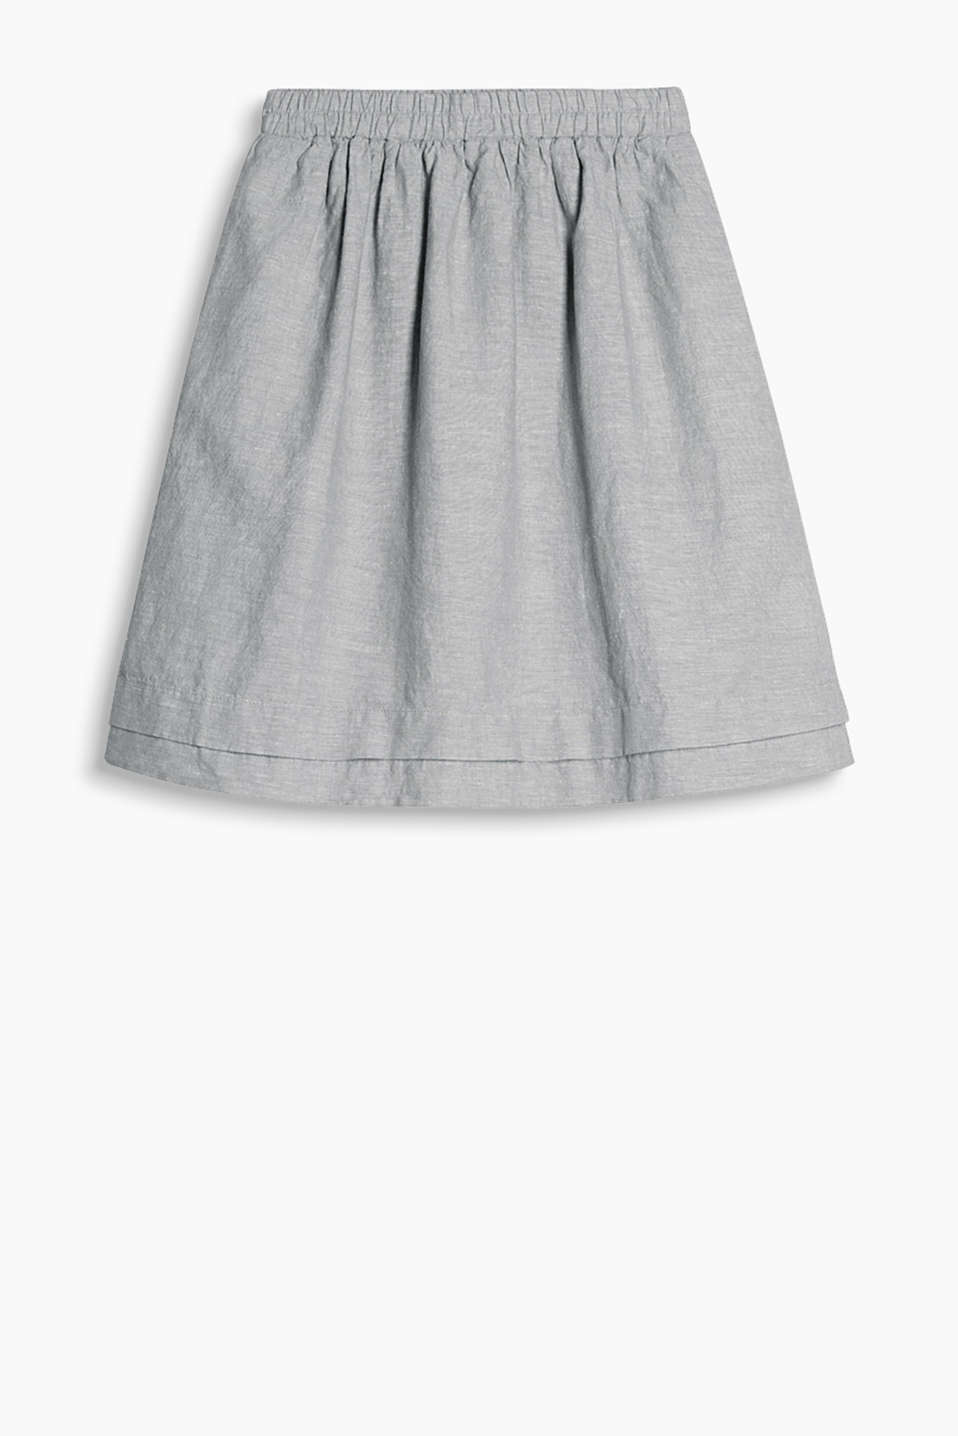 esprit jupe en lin coton acheter sur la boutique en ligne. Black Bedroom Furniture Sets. Home Design Ideas